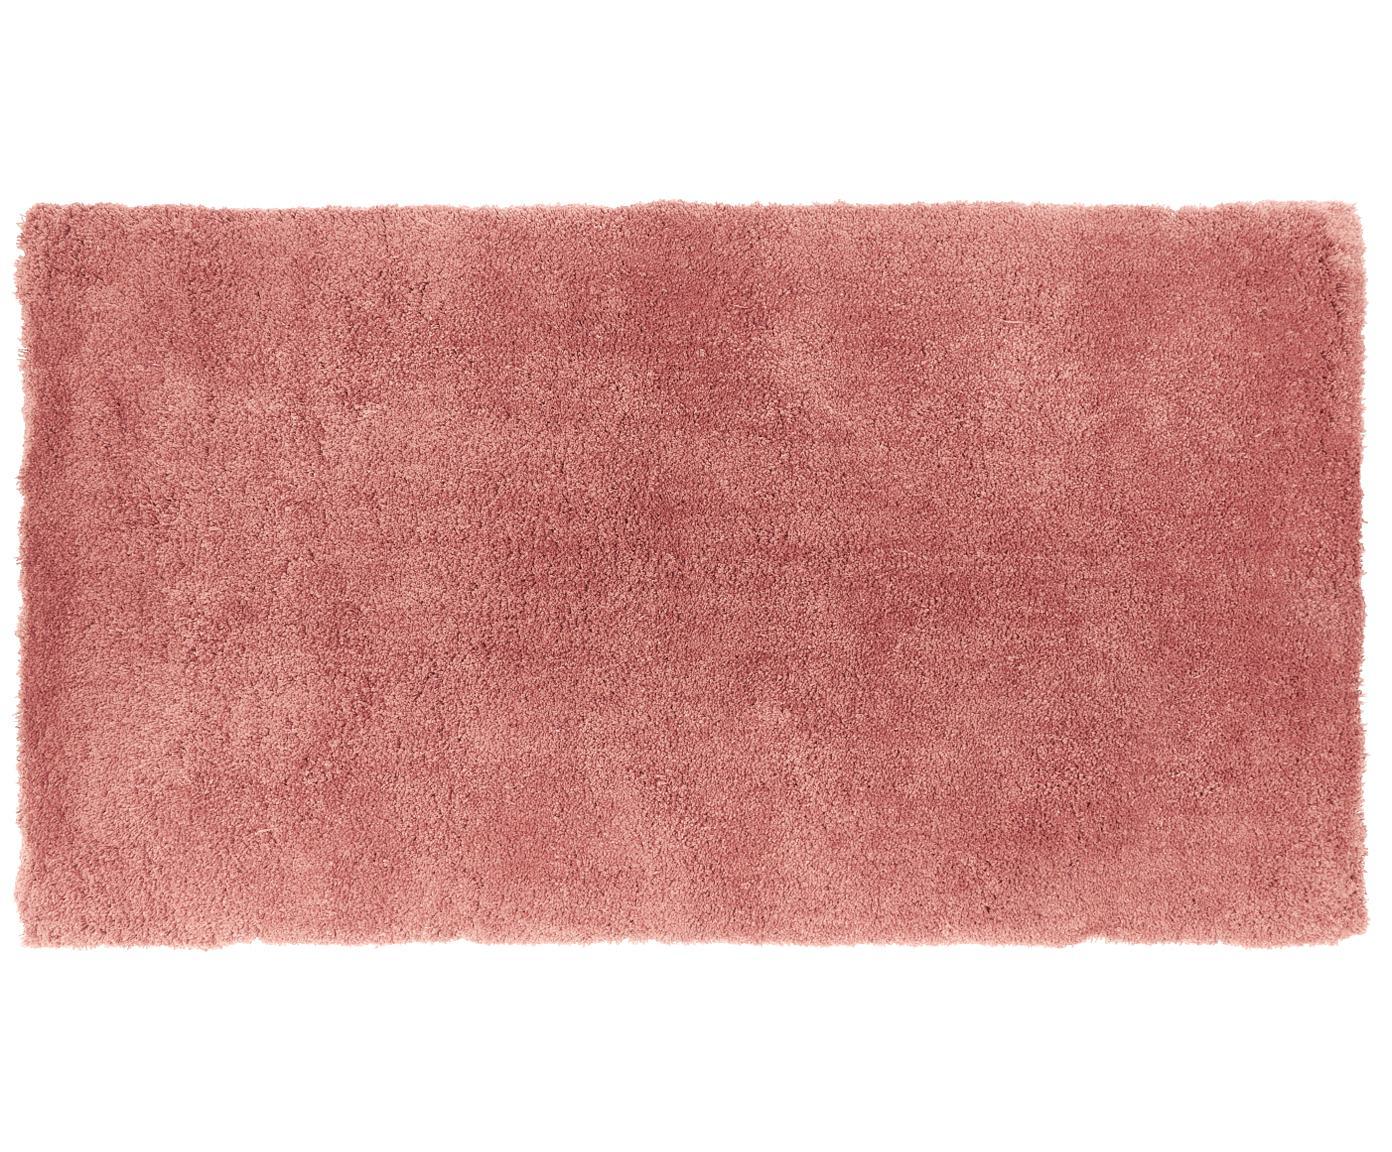 Flauschiger Hochflor-Teppich Leighton in Terrakotta, Flor: 100% Polyester (Mikrofase, Terrakotta, B 80 x L 150 cm (Grösse XS)